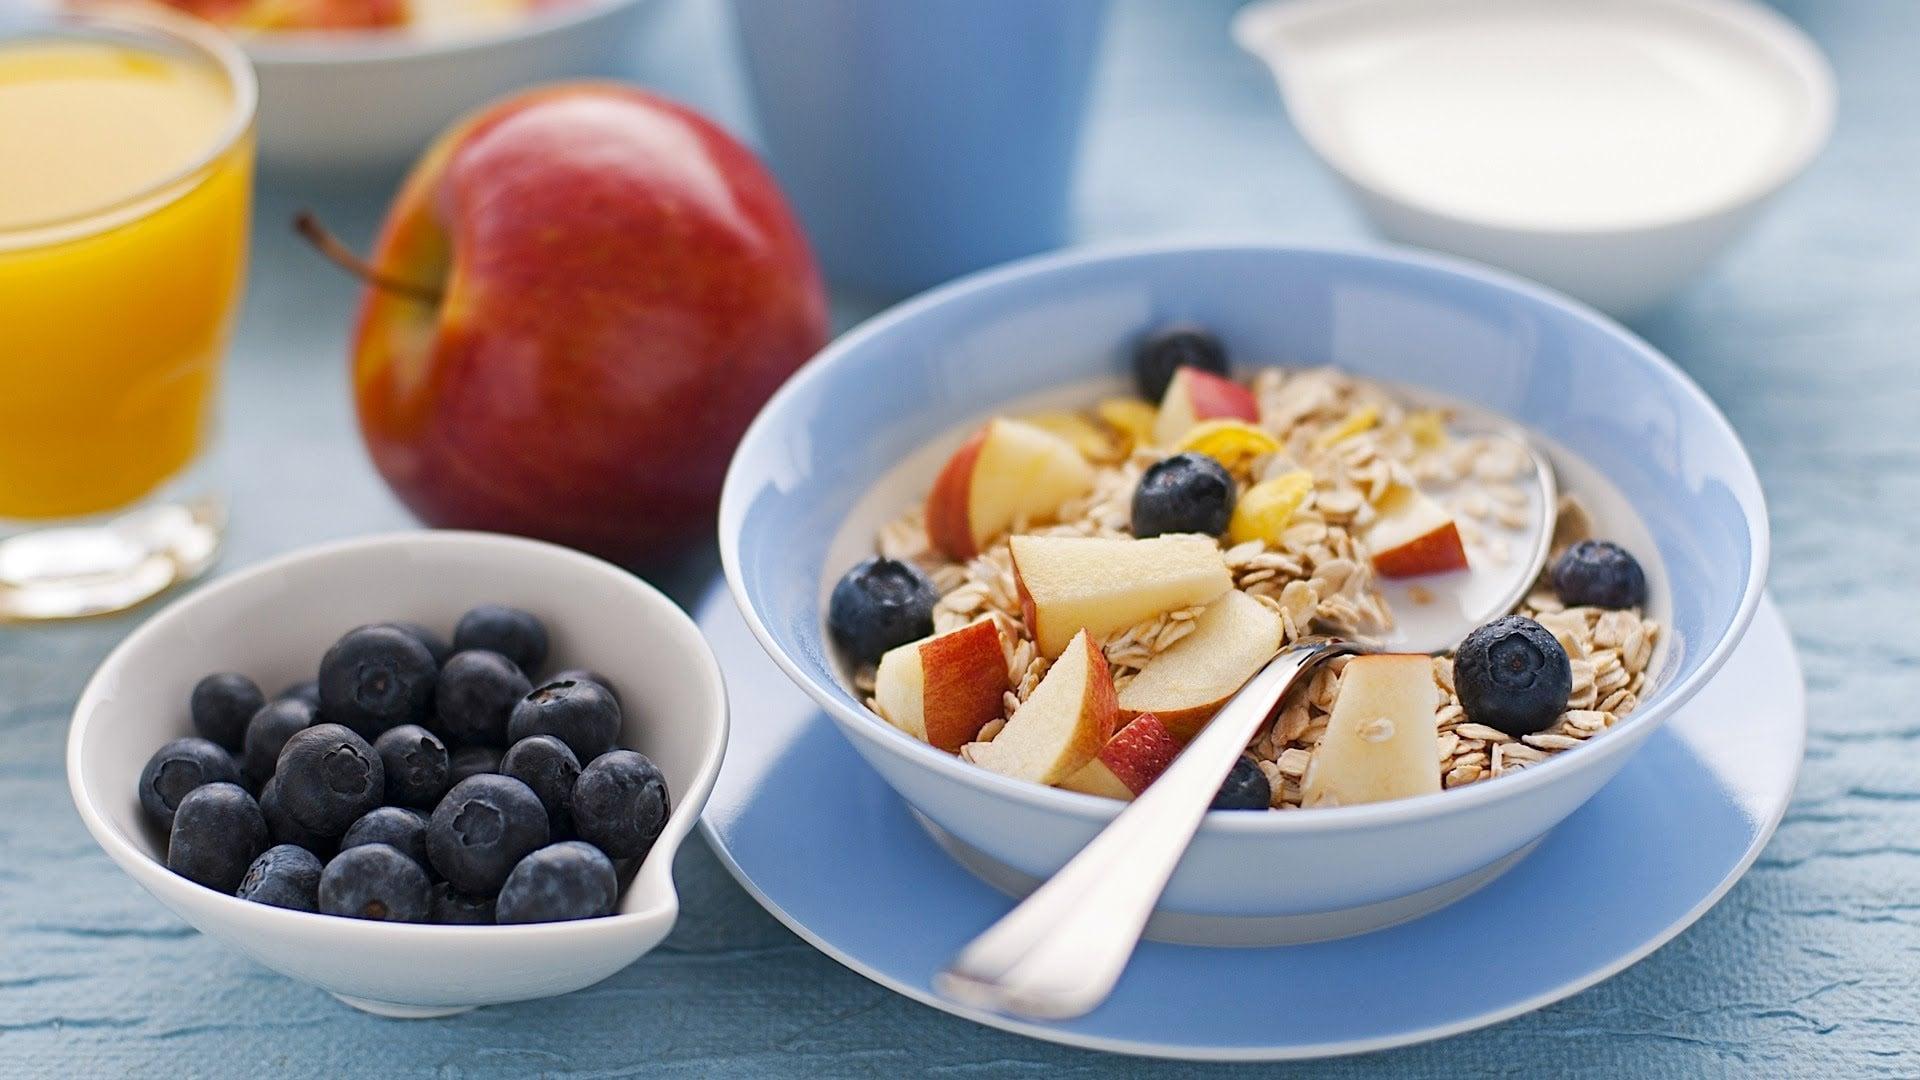 Что полезно есть на завтрак, главные правила, варианты завтраков